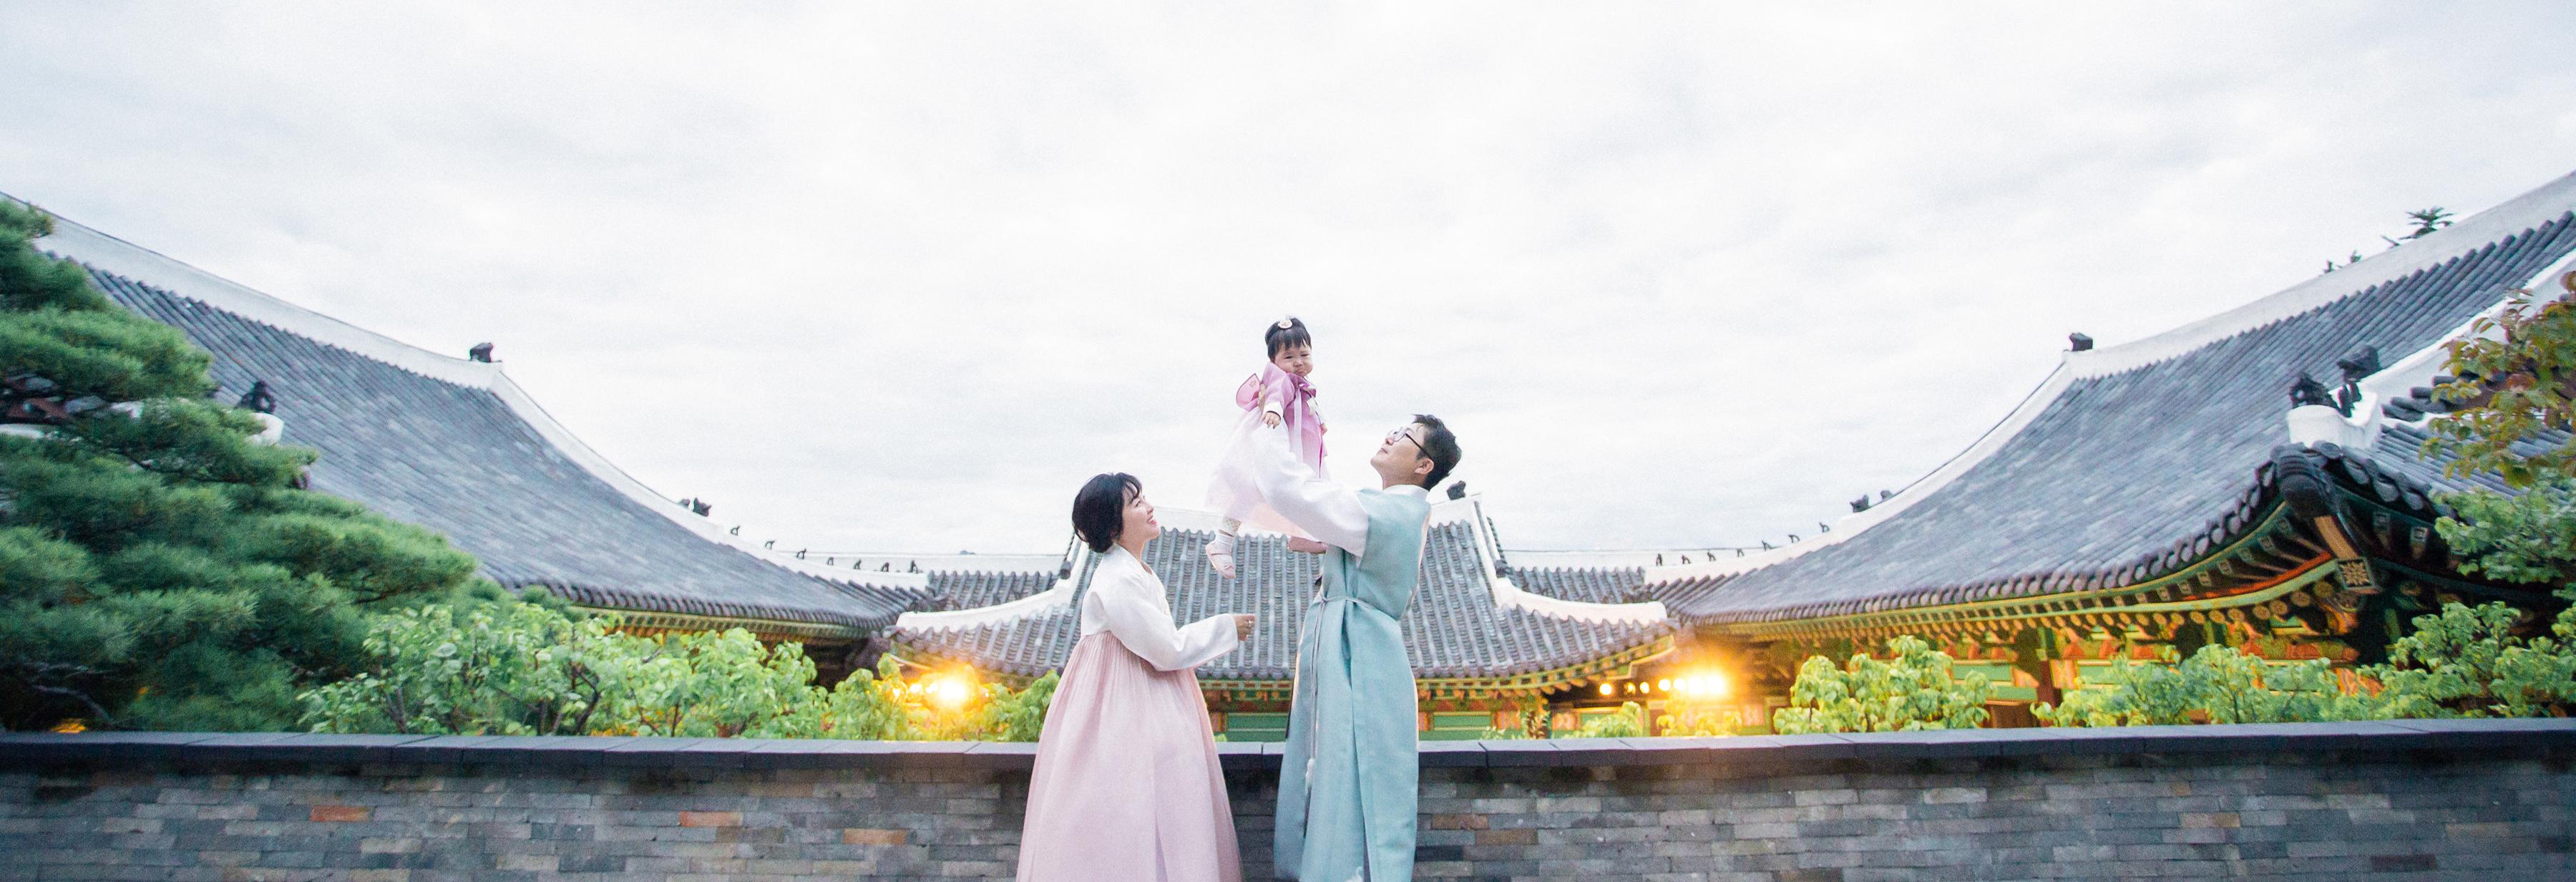 패밀리데이 베이비 돌사진 돌스냅 돌촬영 베이비 아기사진 강남 가족사진 촬